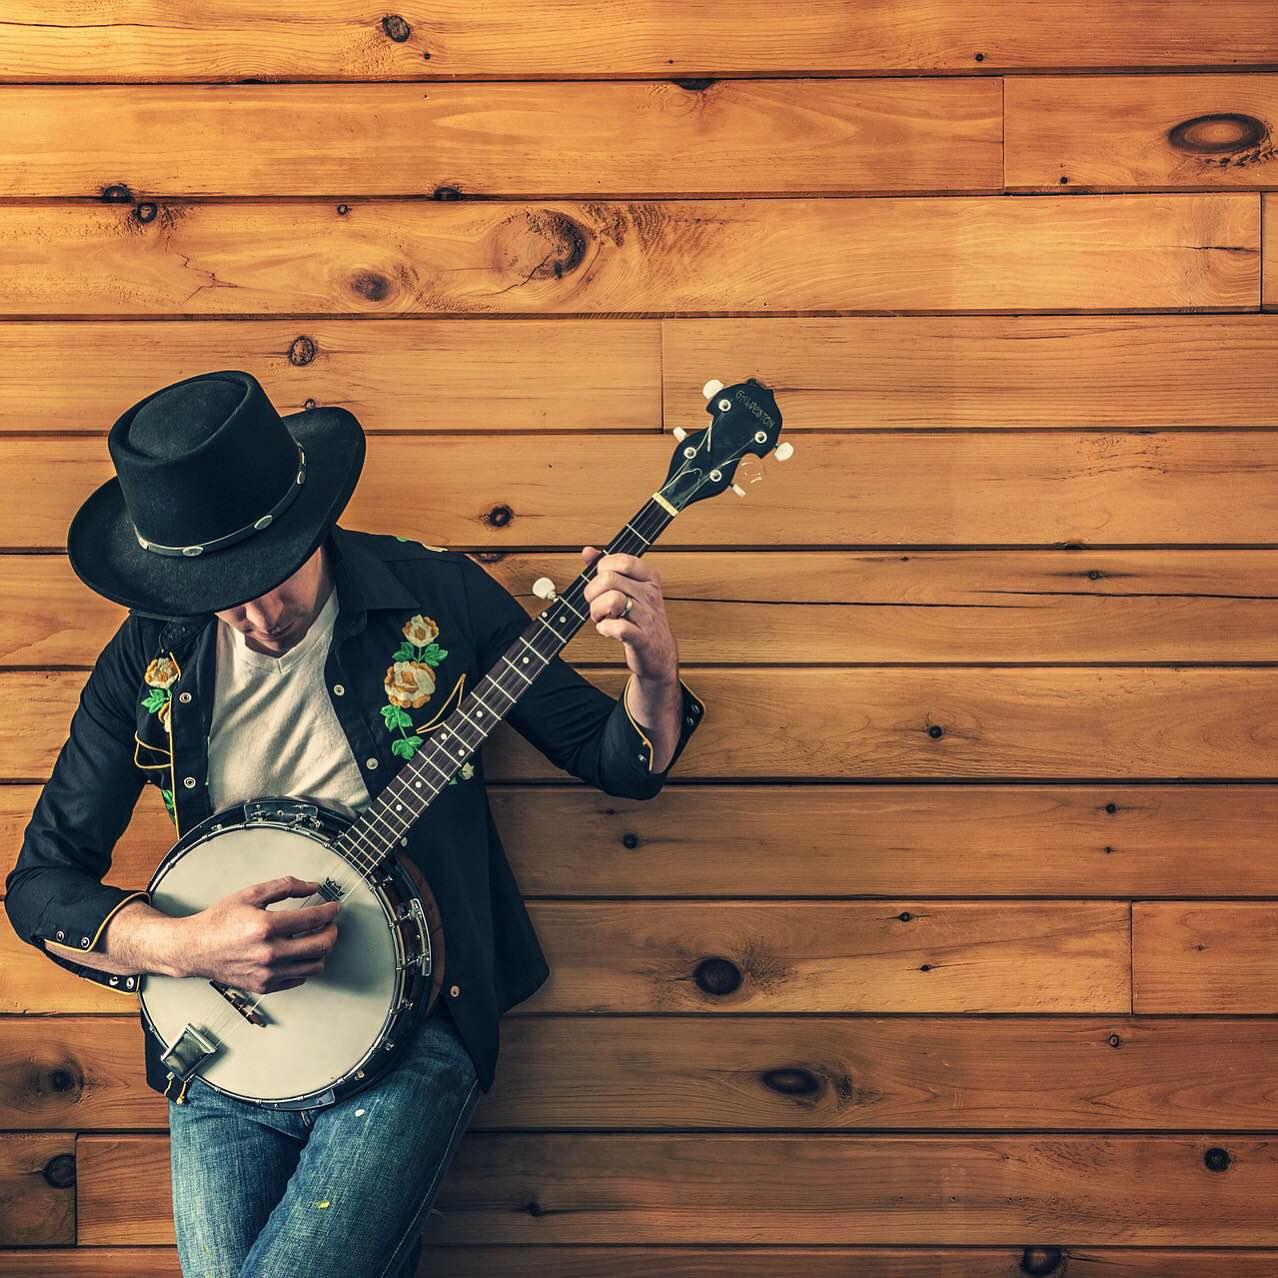 Günlük-Hayatta-Müzik-ve-Duygular